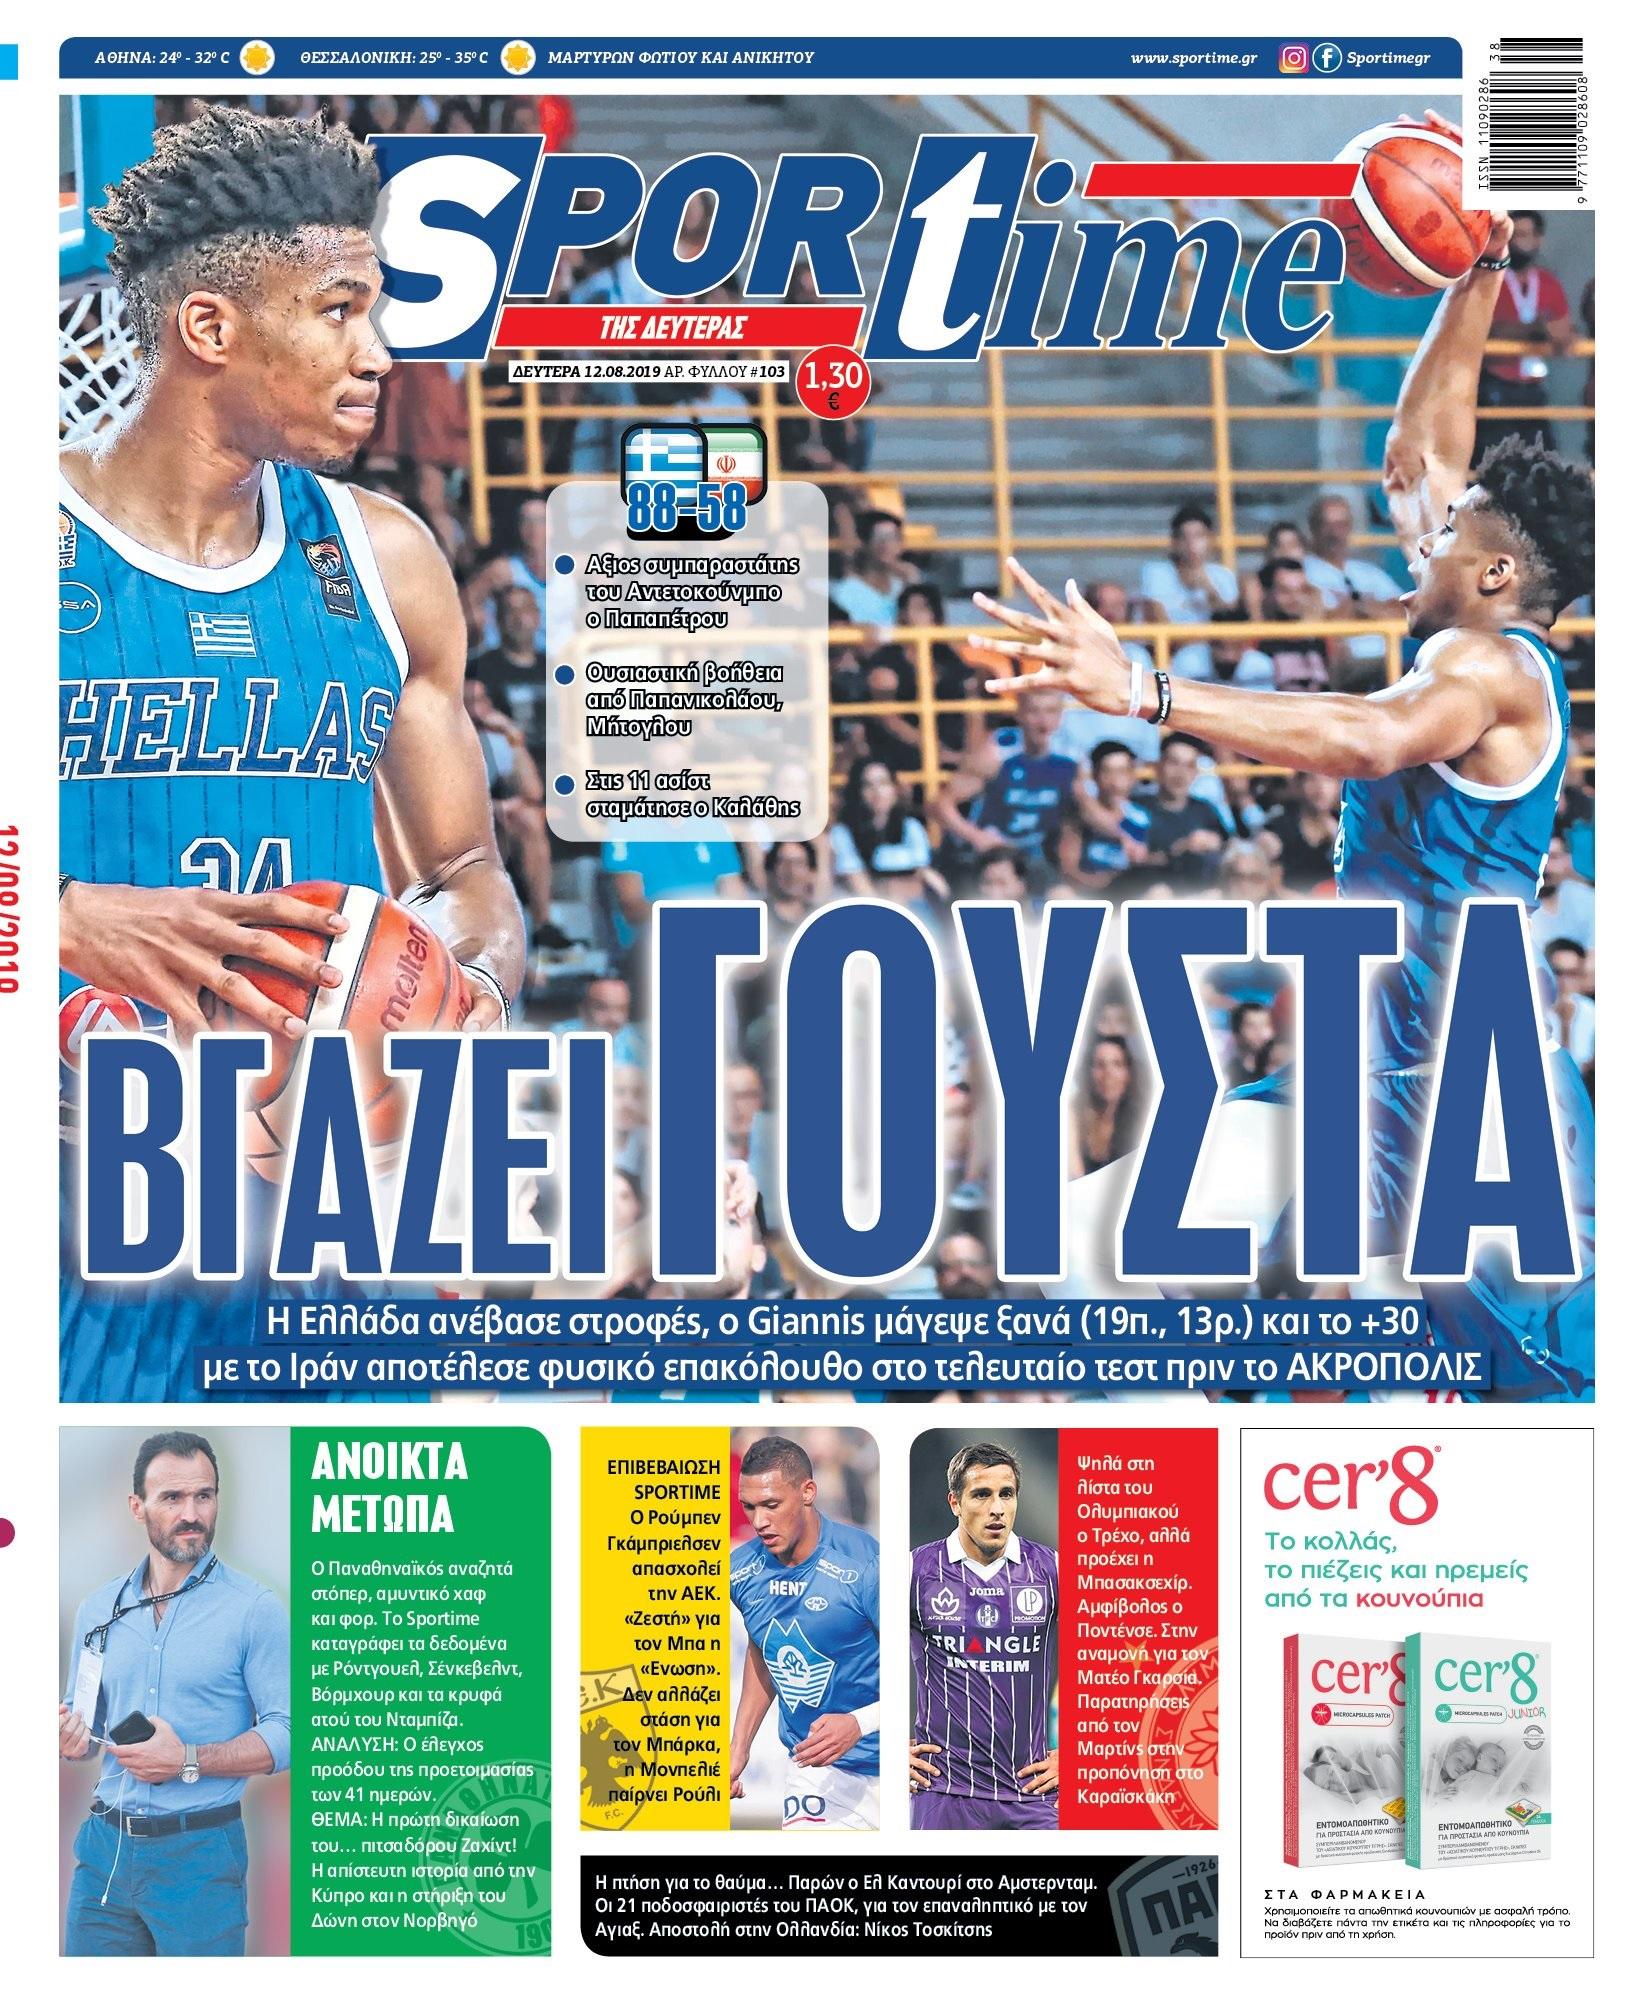 Εφημερίδα SPORTIME - Εξώφυλλο φύλλου 12/8/2019